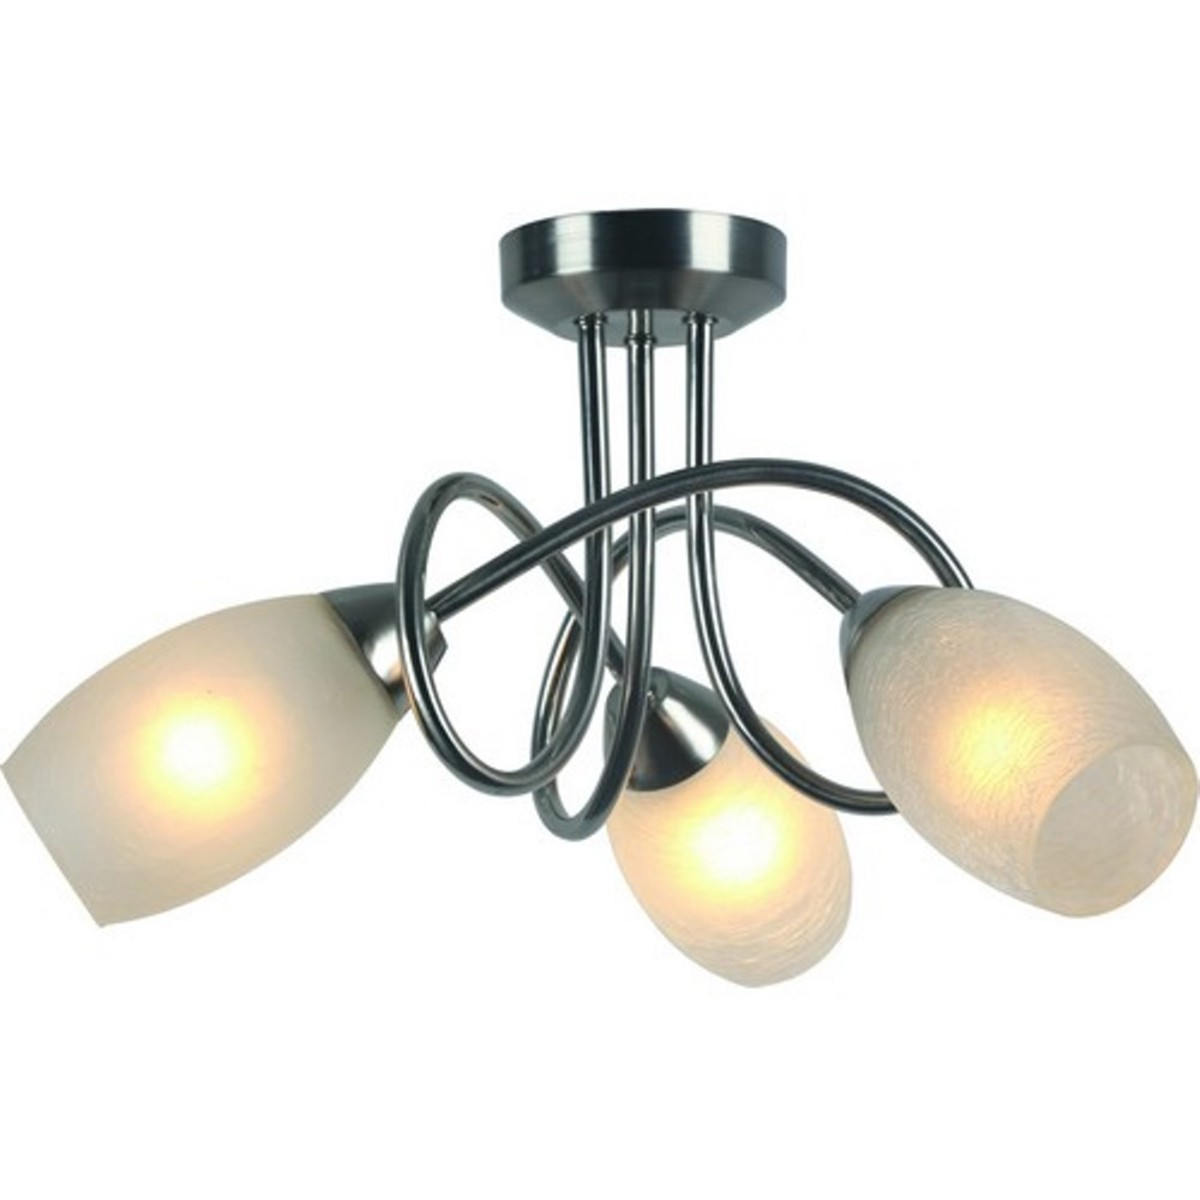 Люстра Arte Lamp Mutti A8616PL-3SS E14 3 лампы